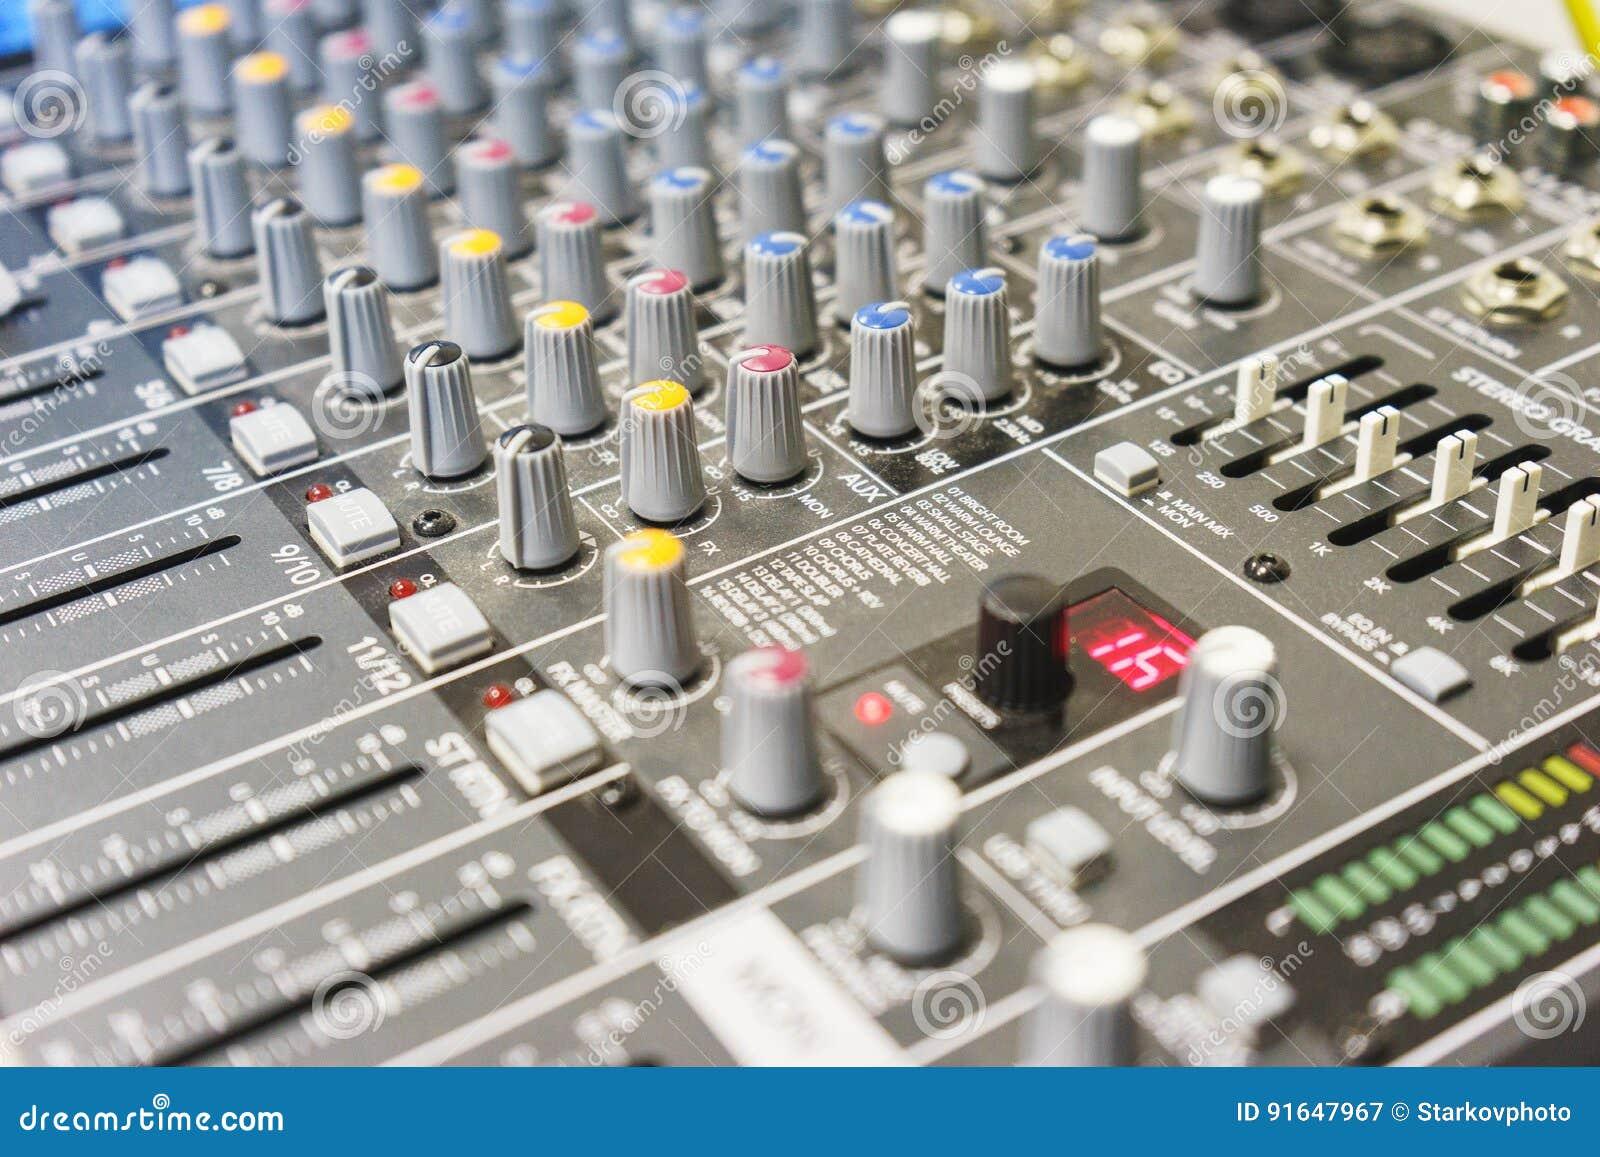 Matériel son pour une boîte de nuit une discothèque ou un studio d